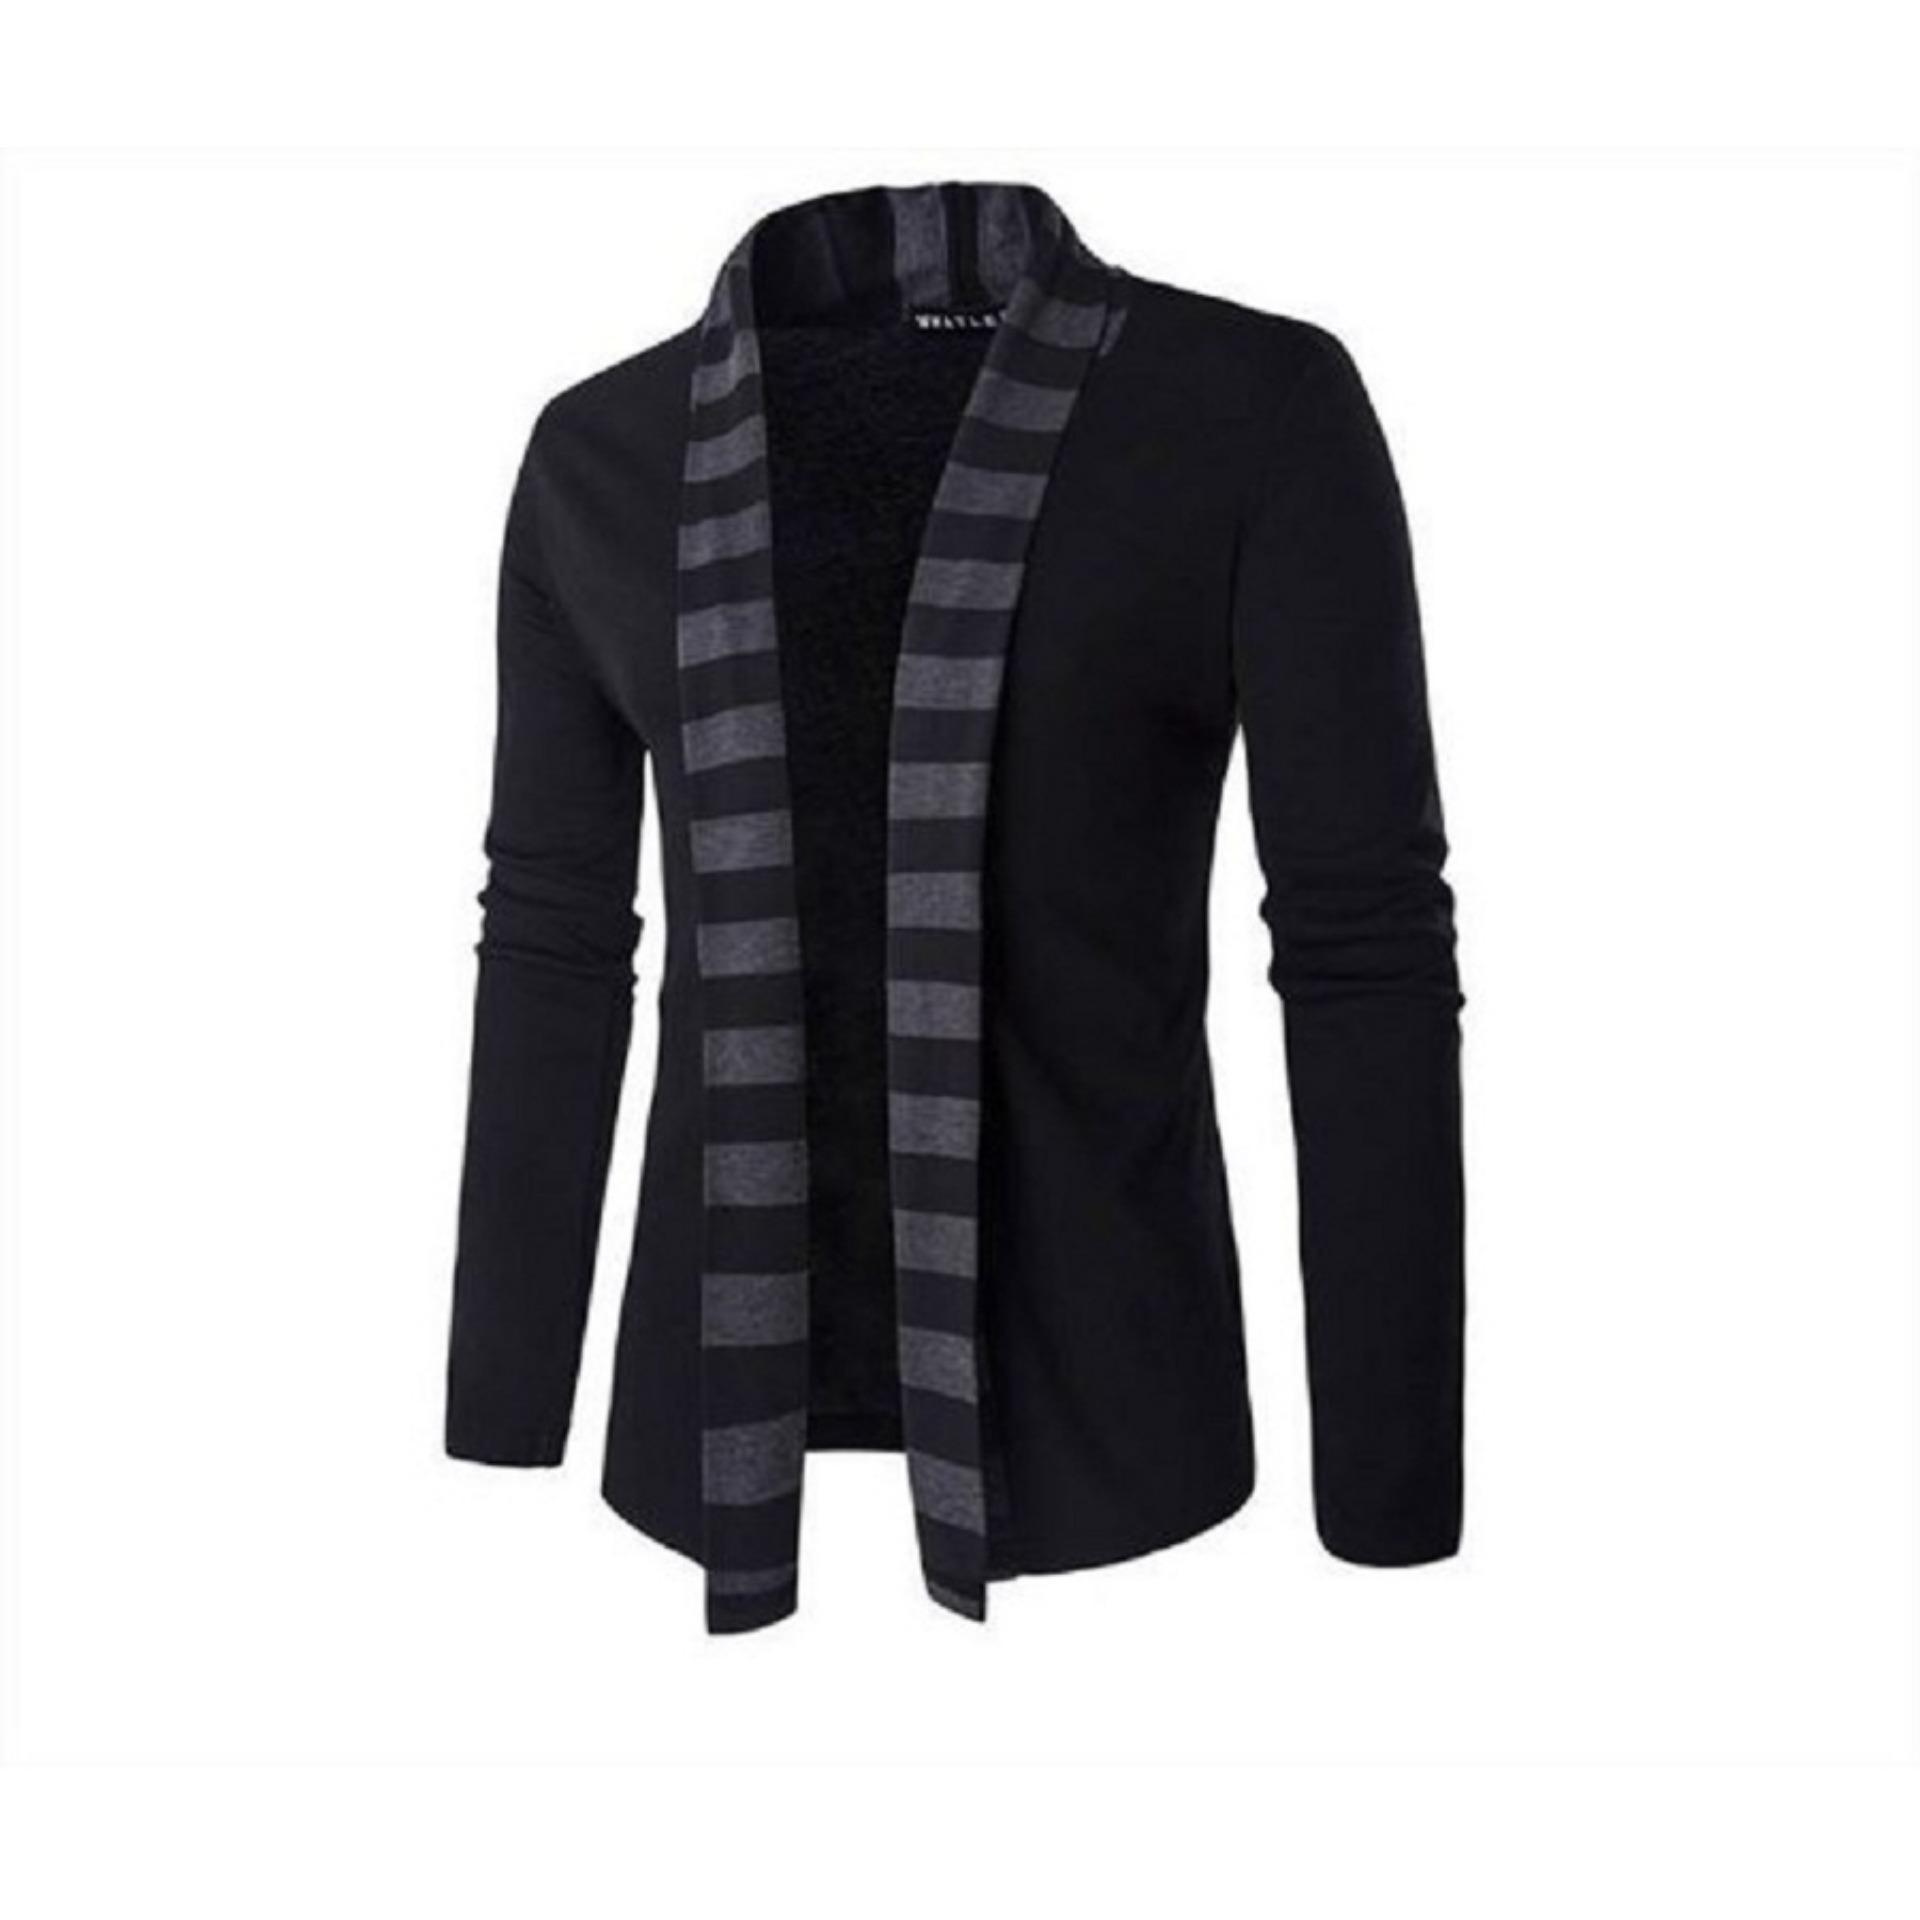 Áo khoác cardigan nam form dài